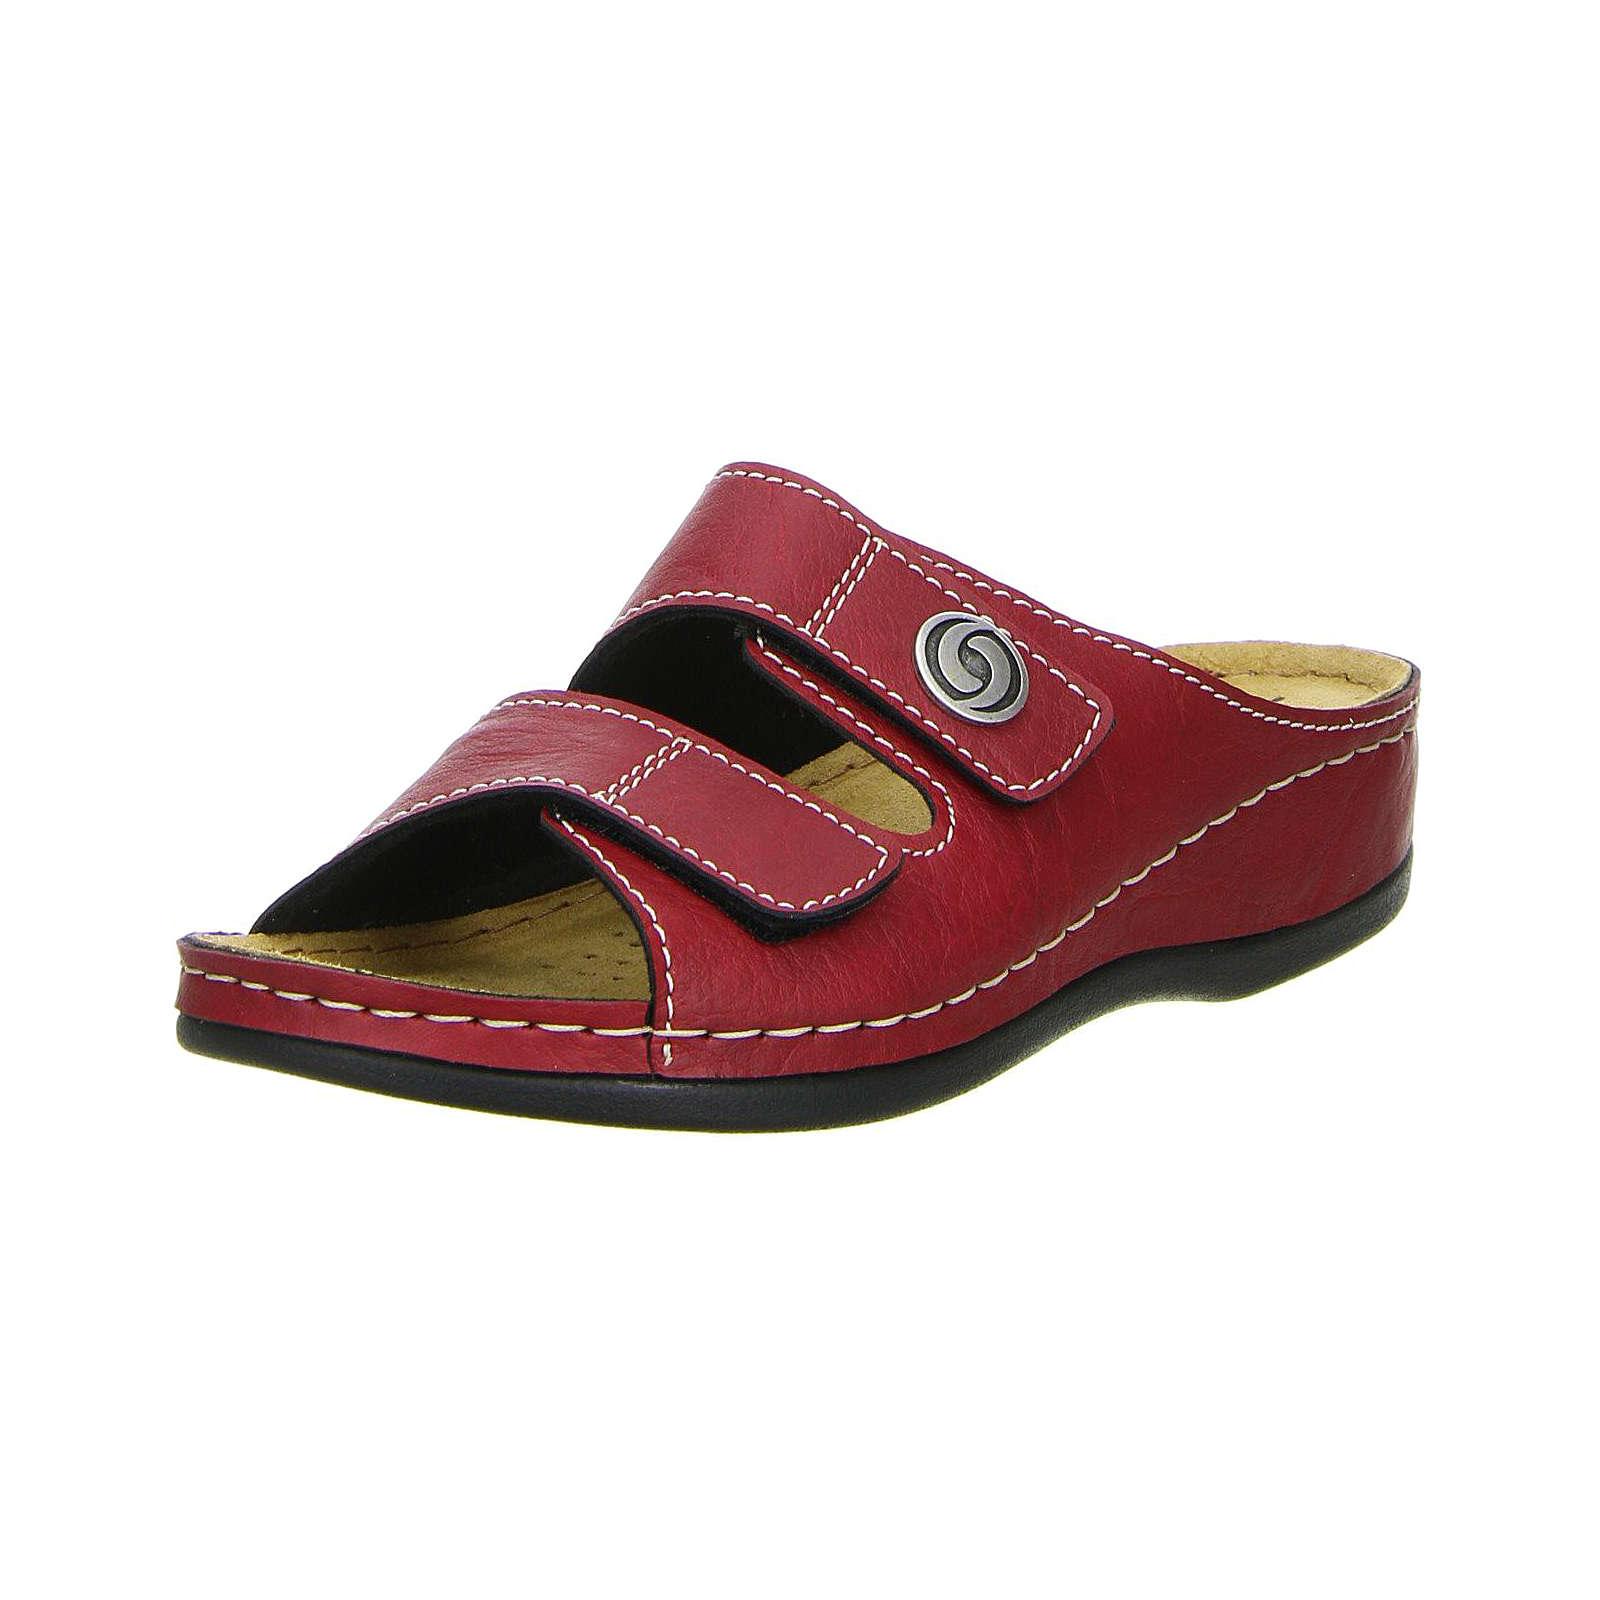 Vista Komfort-Pantoletten rot Damen Gr. 38